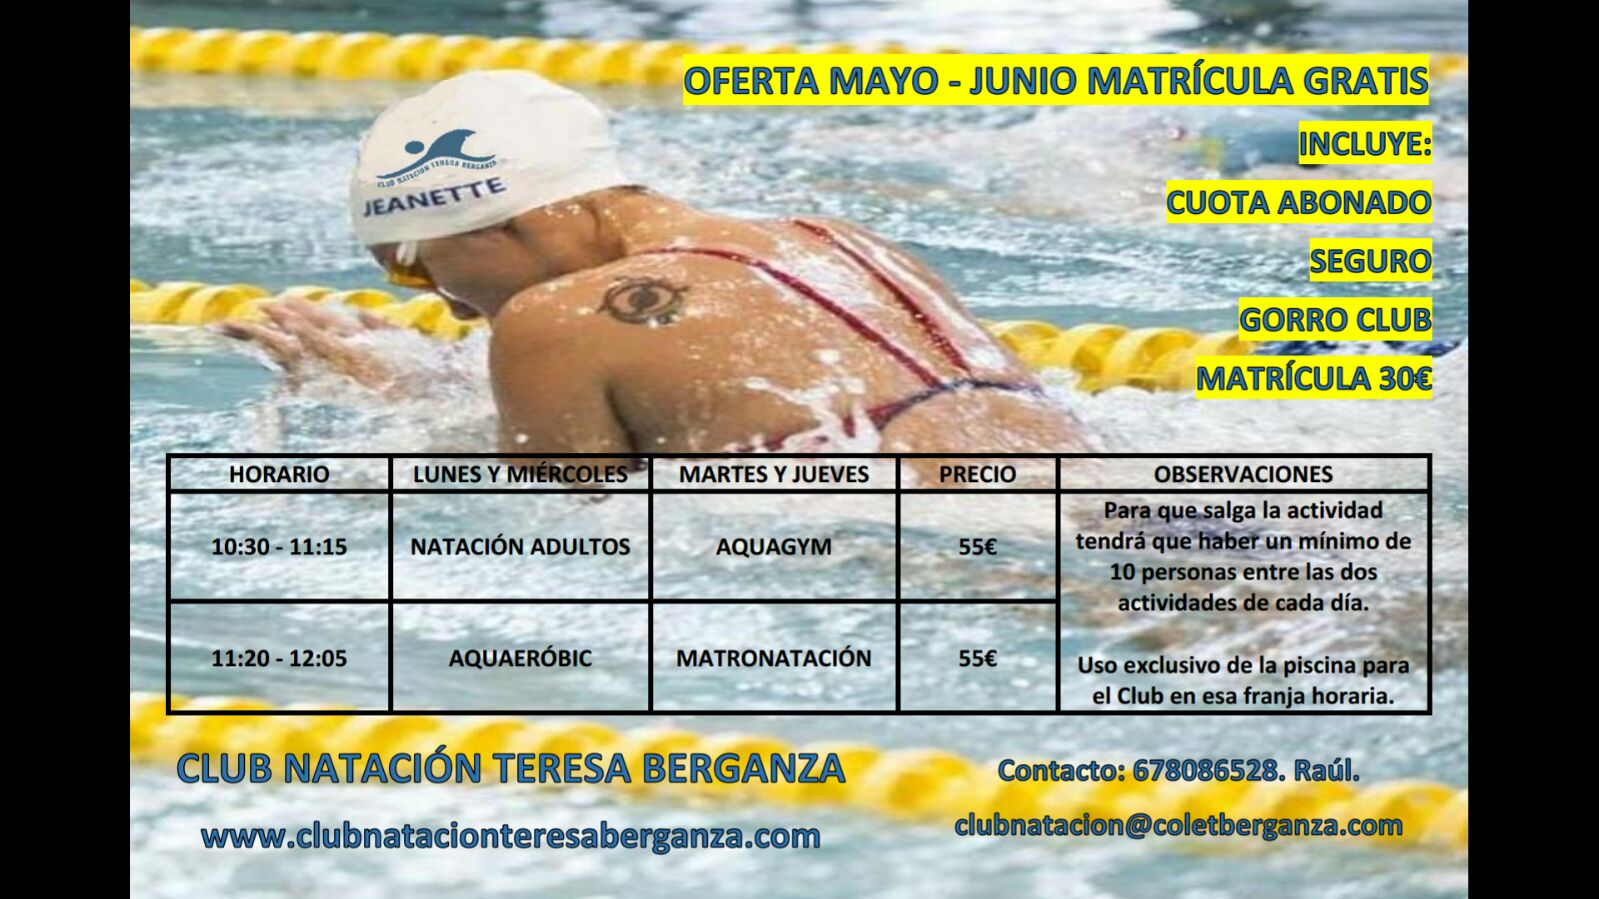 Actividades del Club de Natación Teresa Berganza